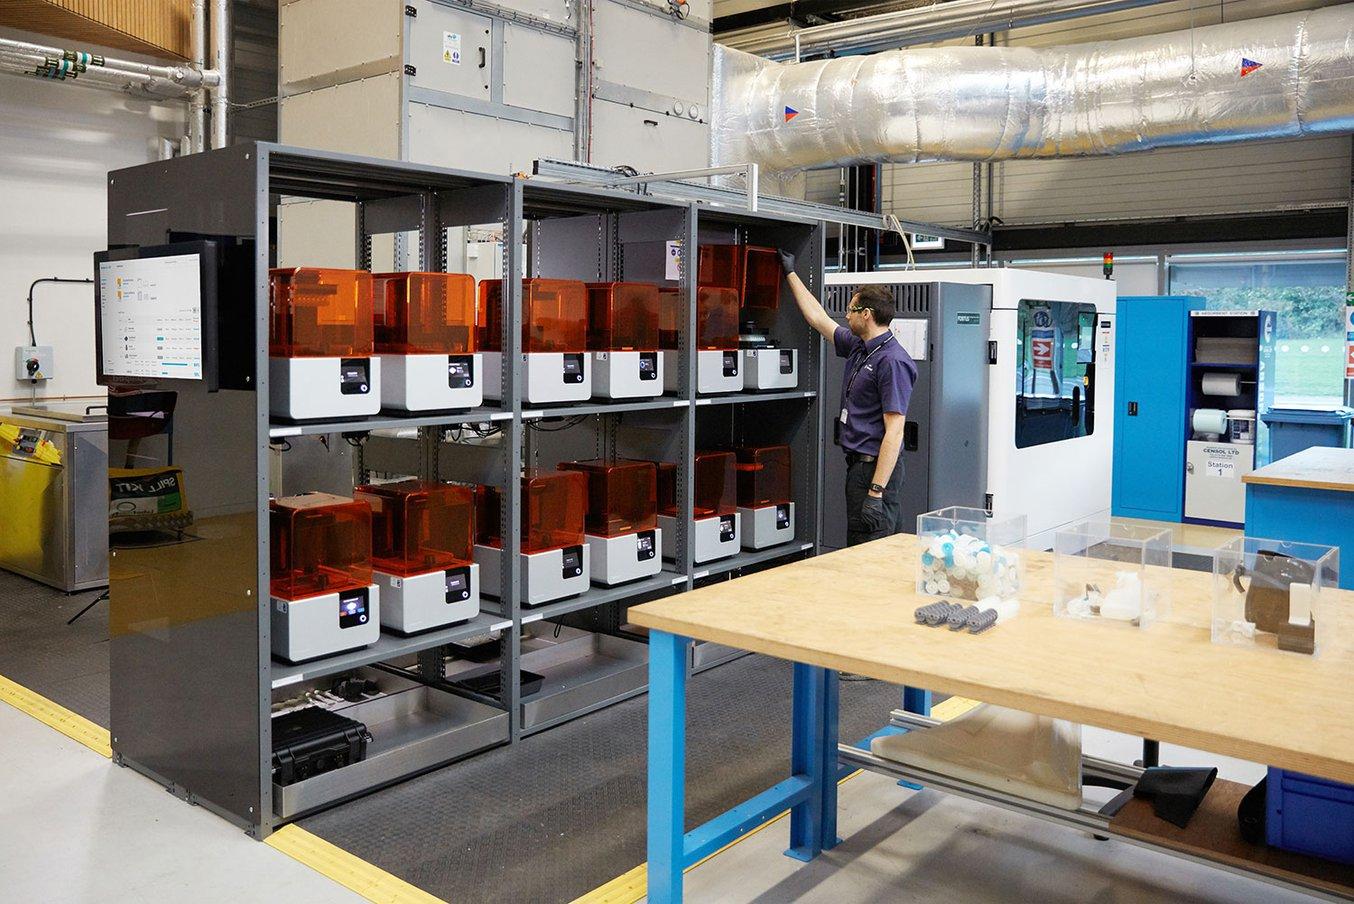 La postazione di stampanti 3D Form 2 presso la University of Sheffield Advanced Manufacturing Research Centre (AMRC) supporta il lavoro di centinaia di ingegneri.